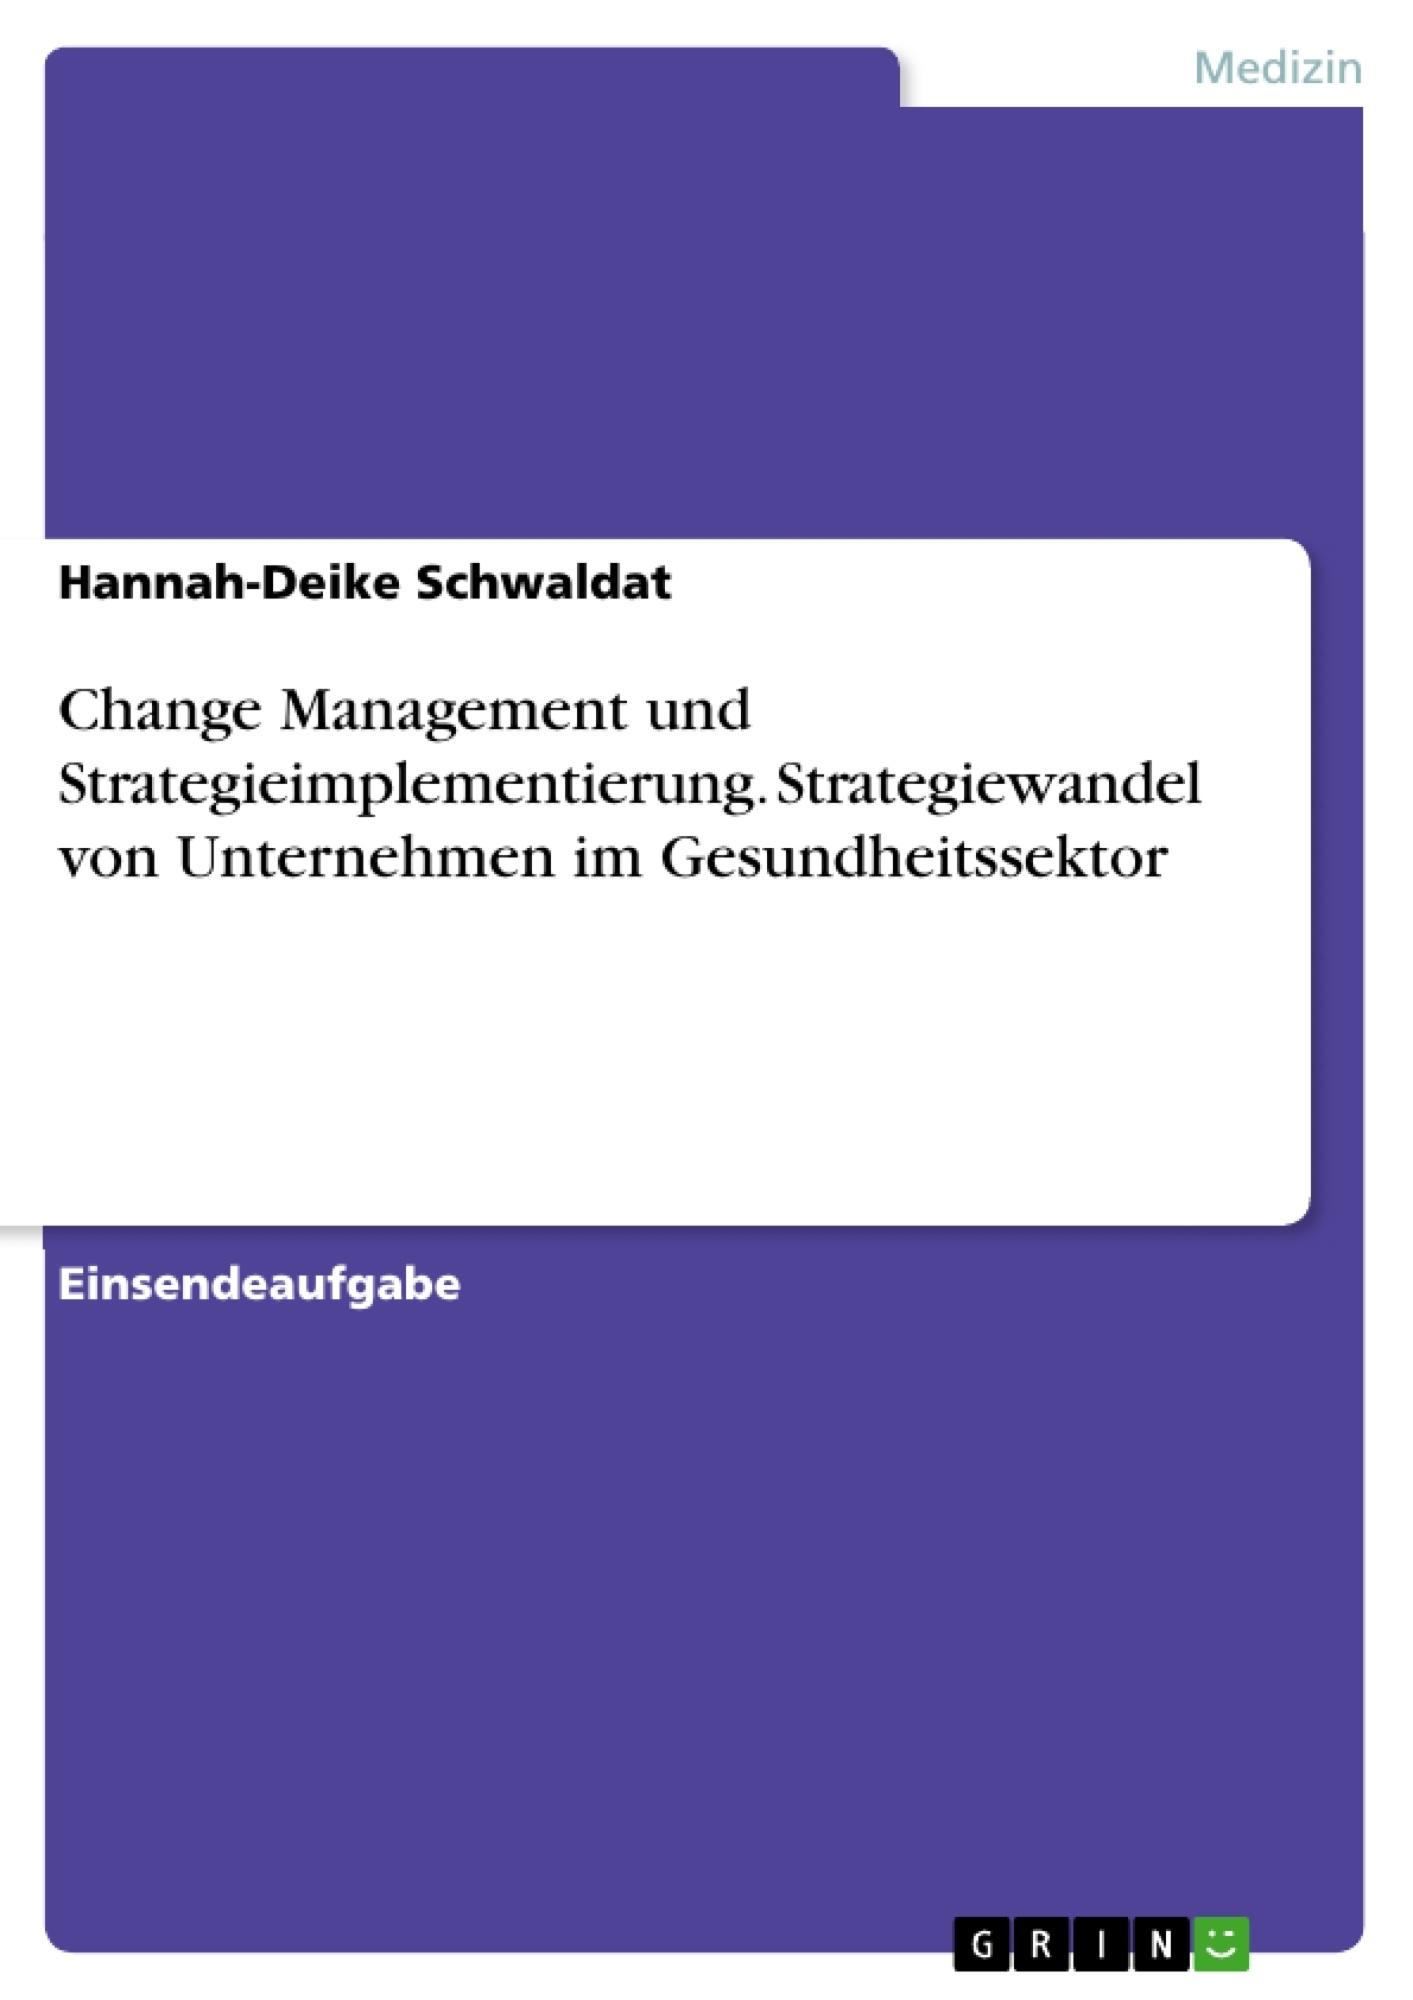 Titel: Change Management und Strategieimplementierung. Strategiewandel von Unternehmen im Gesundheitssektor